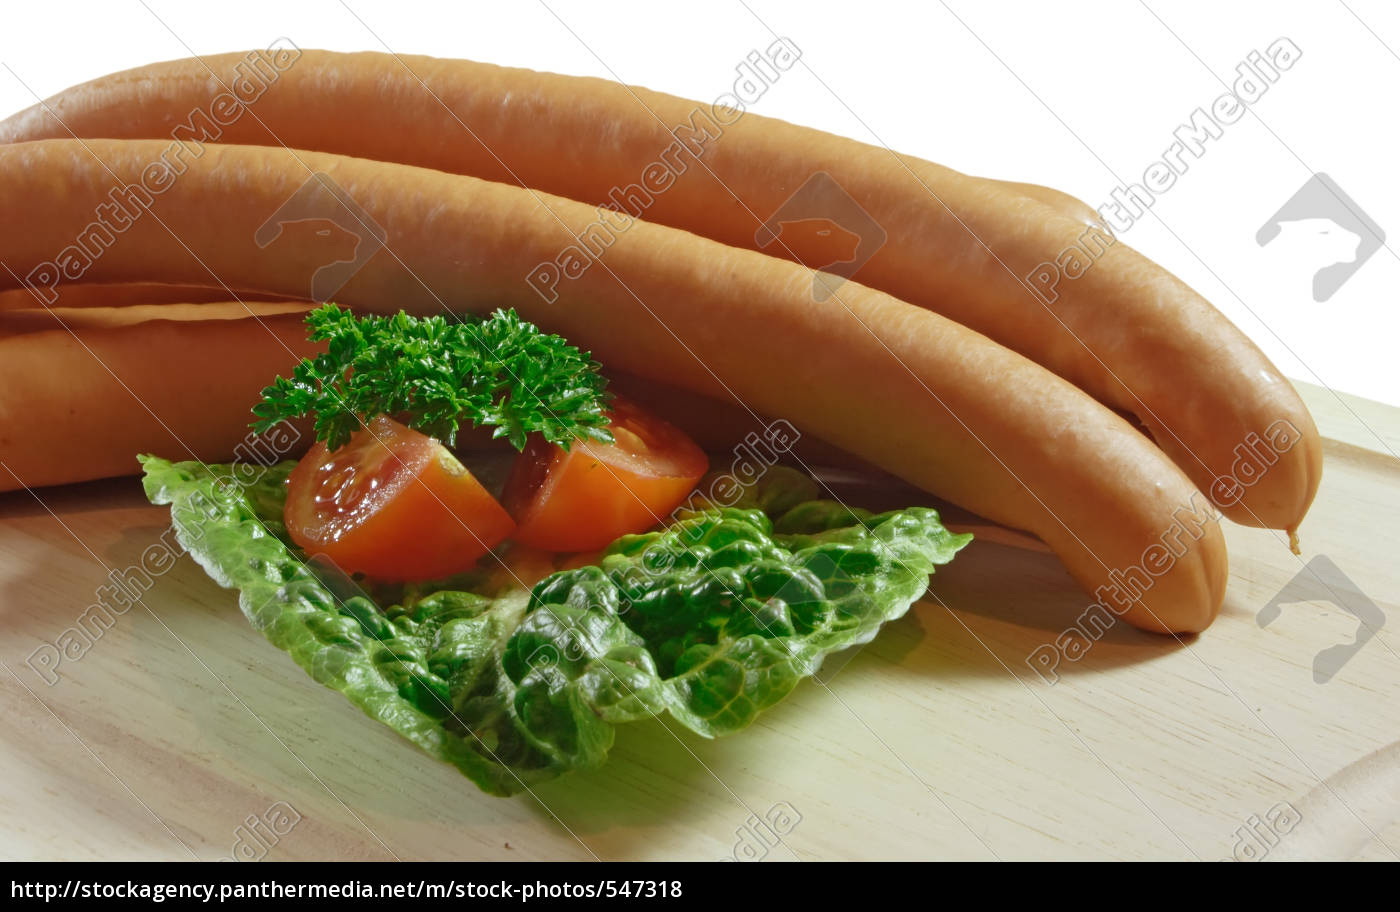 sausage - 547318